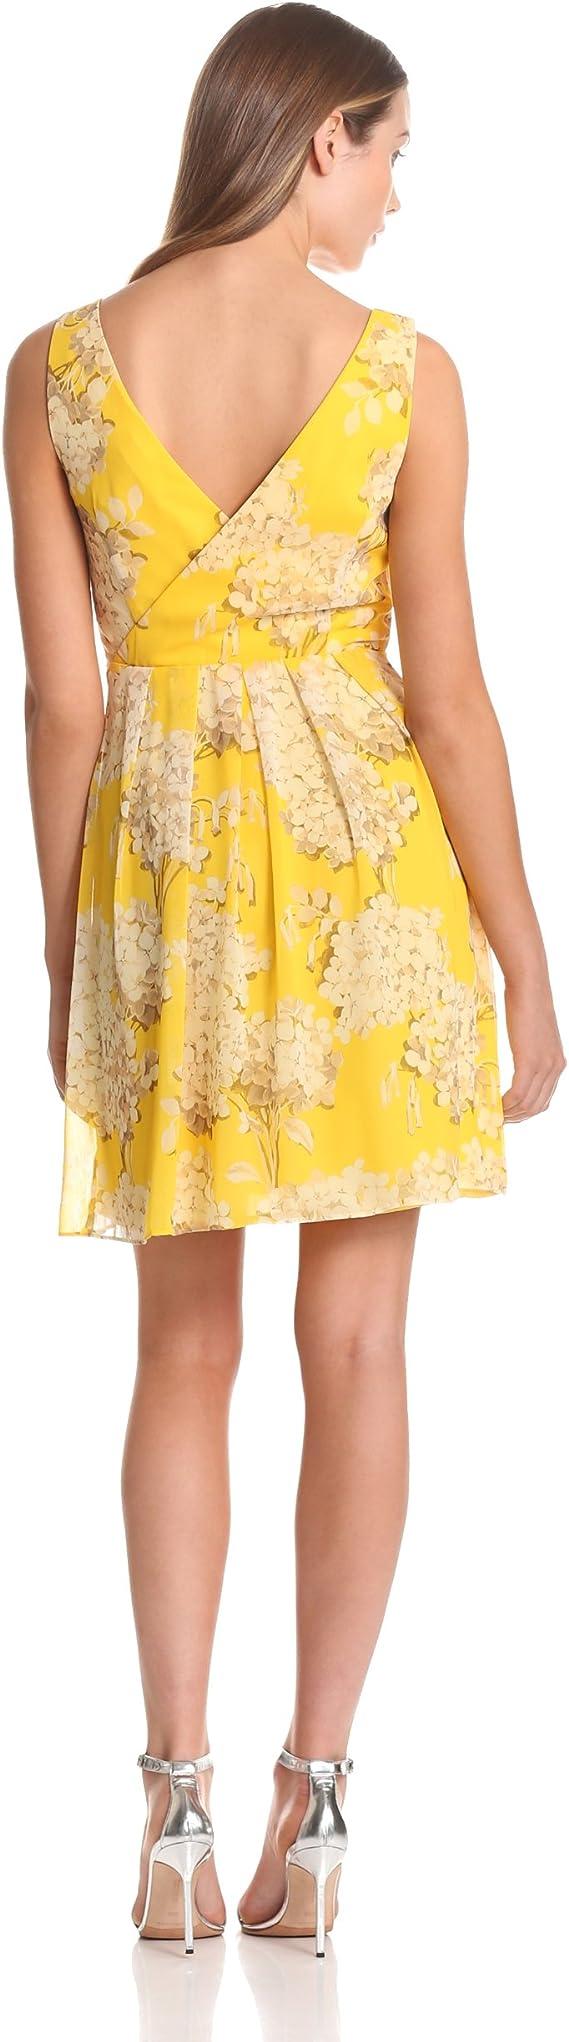 Winston White Pica Dress Lavender